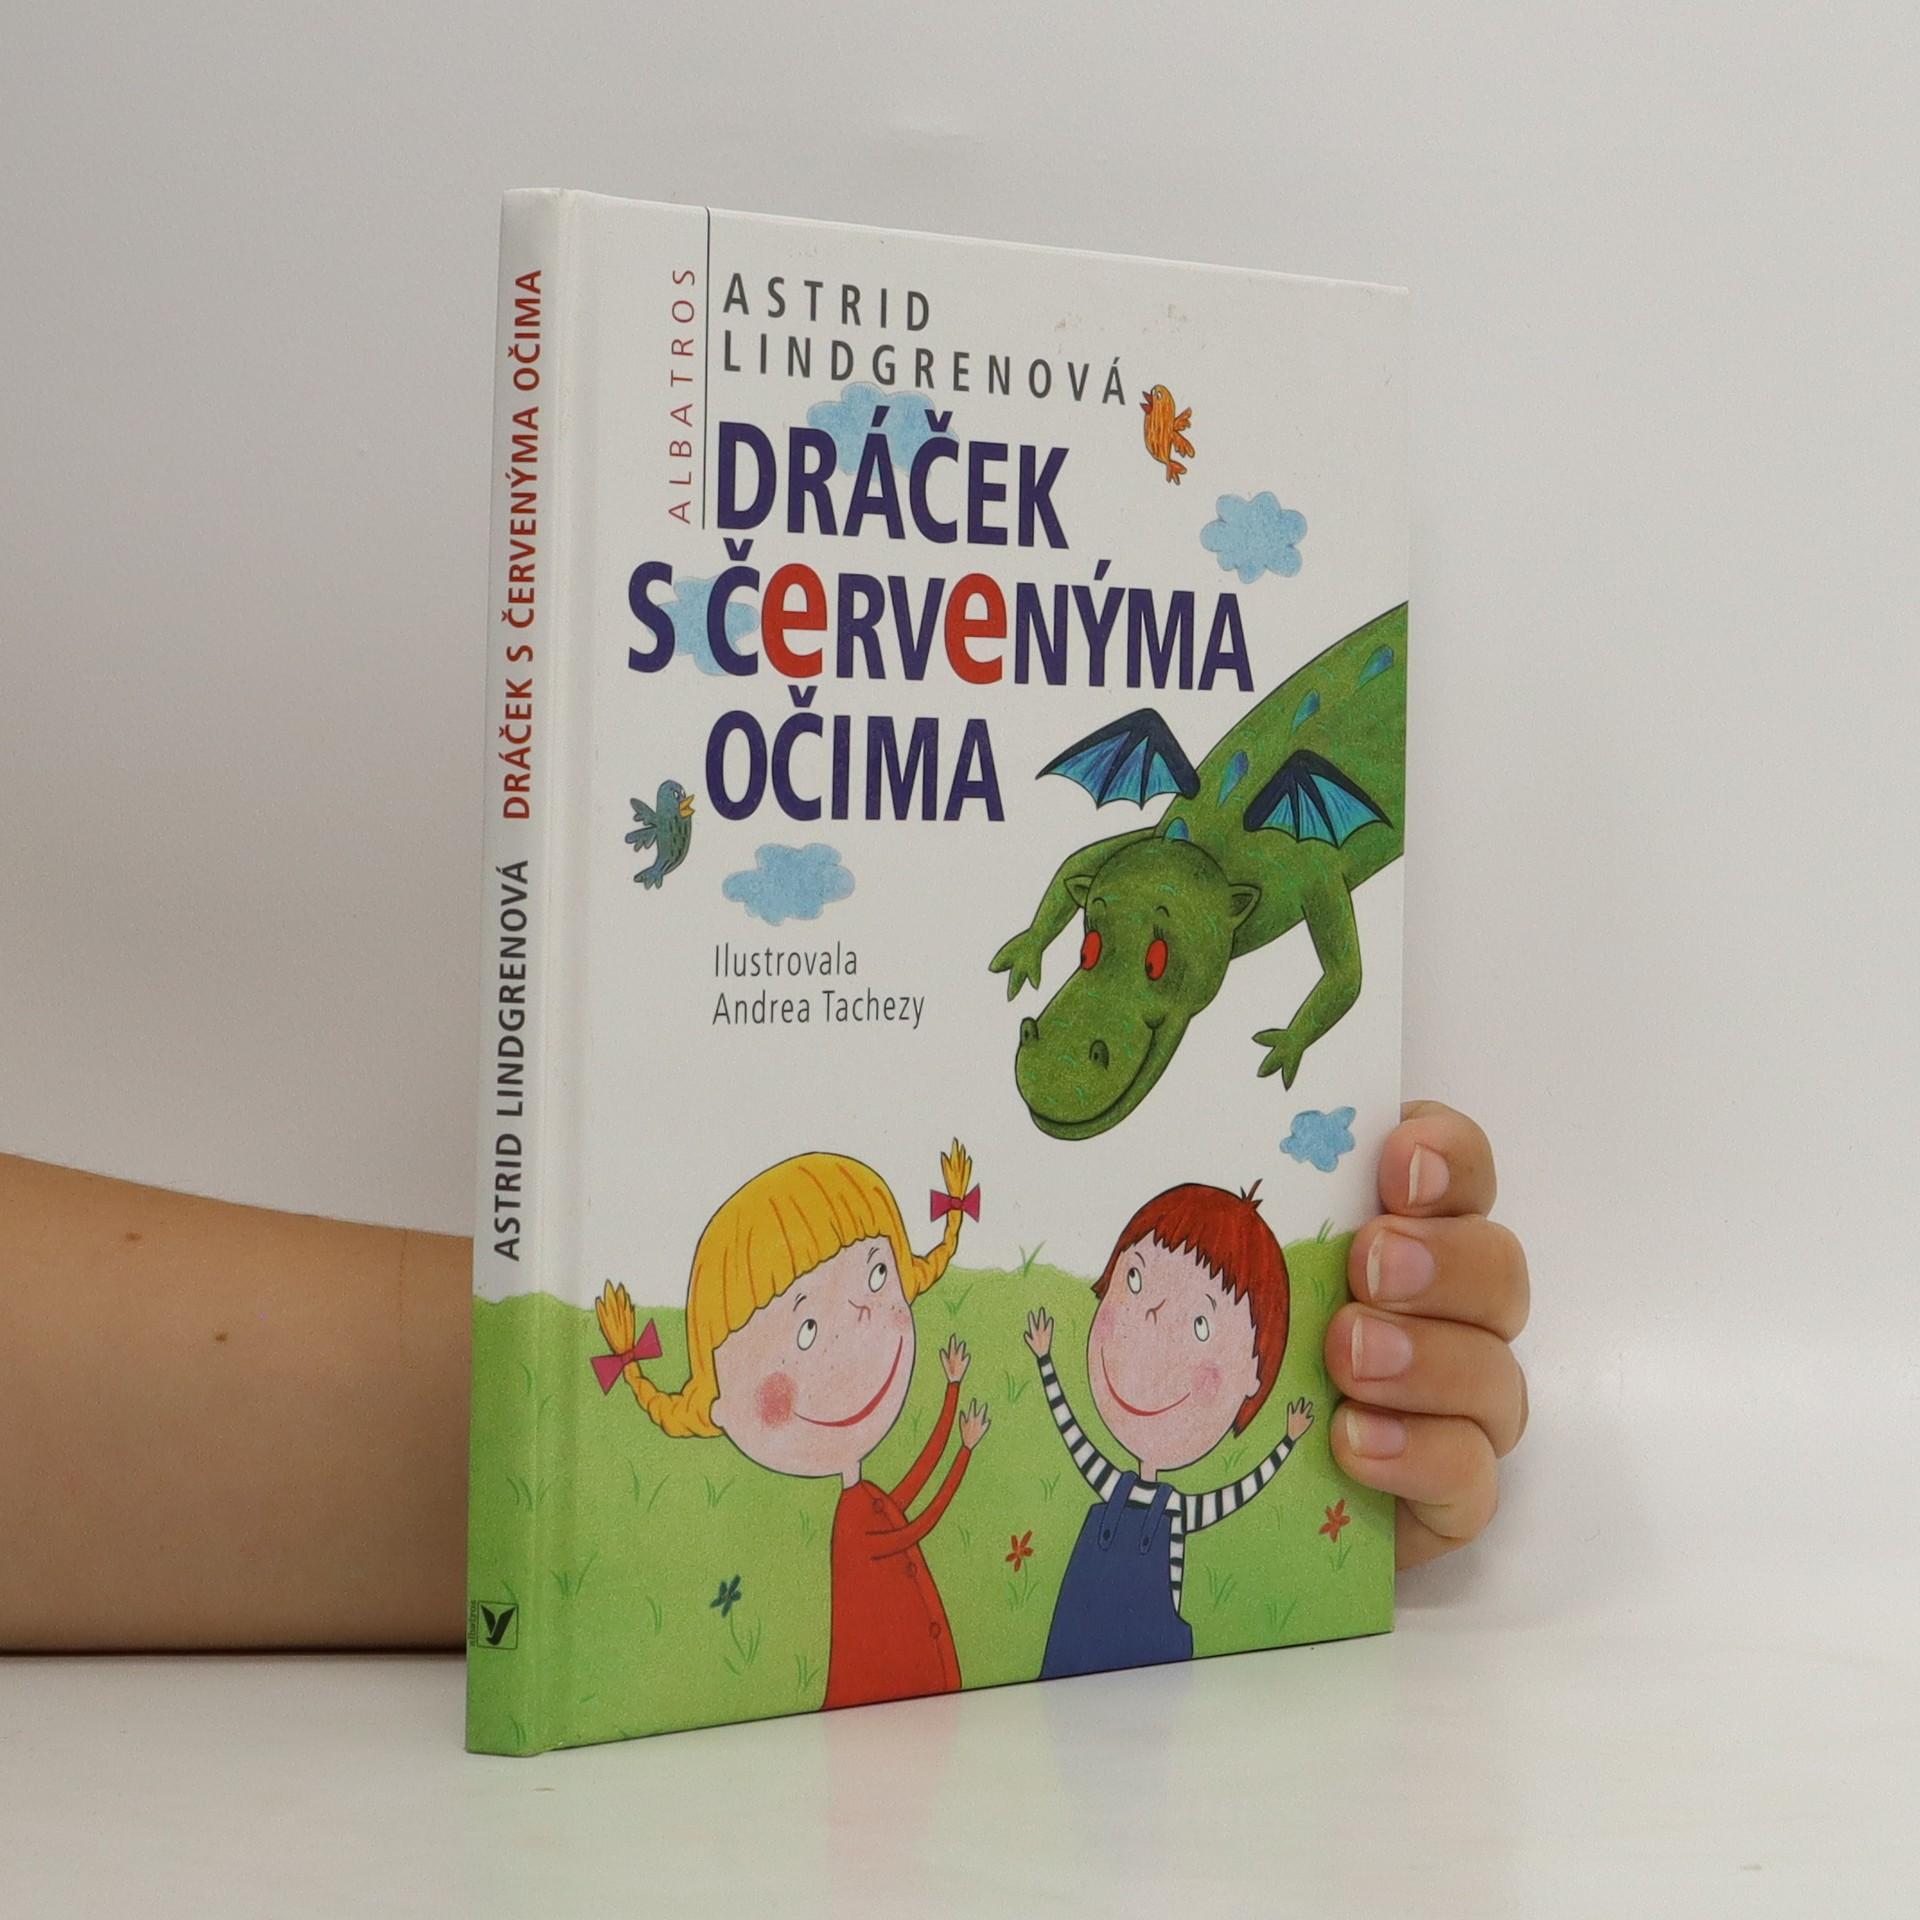 antikvární kniha Dráček s červenýma očima, 2013